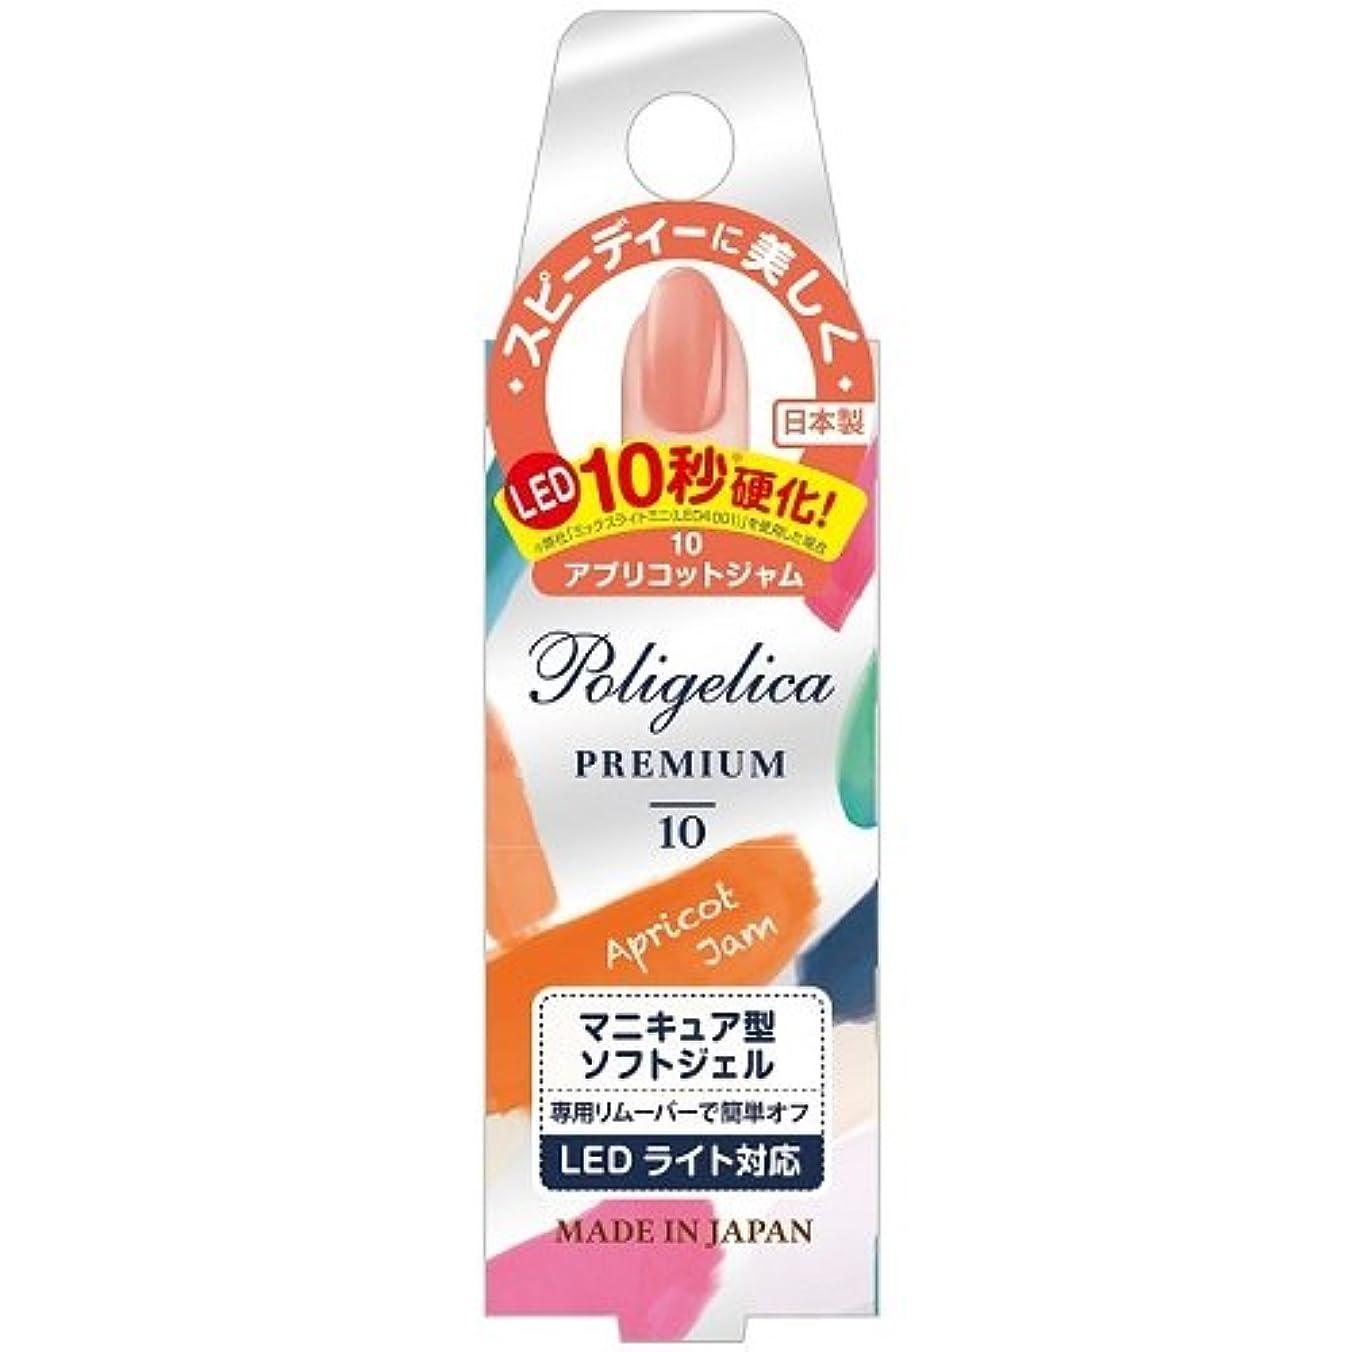 光沢印象バイオリンBW ポリジェリカプレミアム カラージェル 1010/アプリコットジャム (6g)